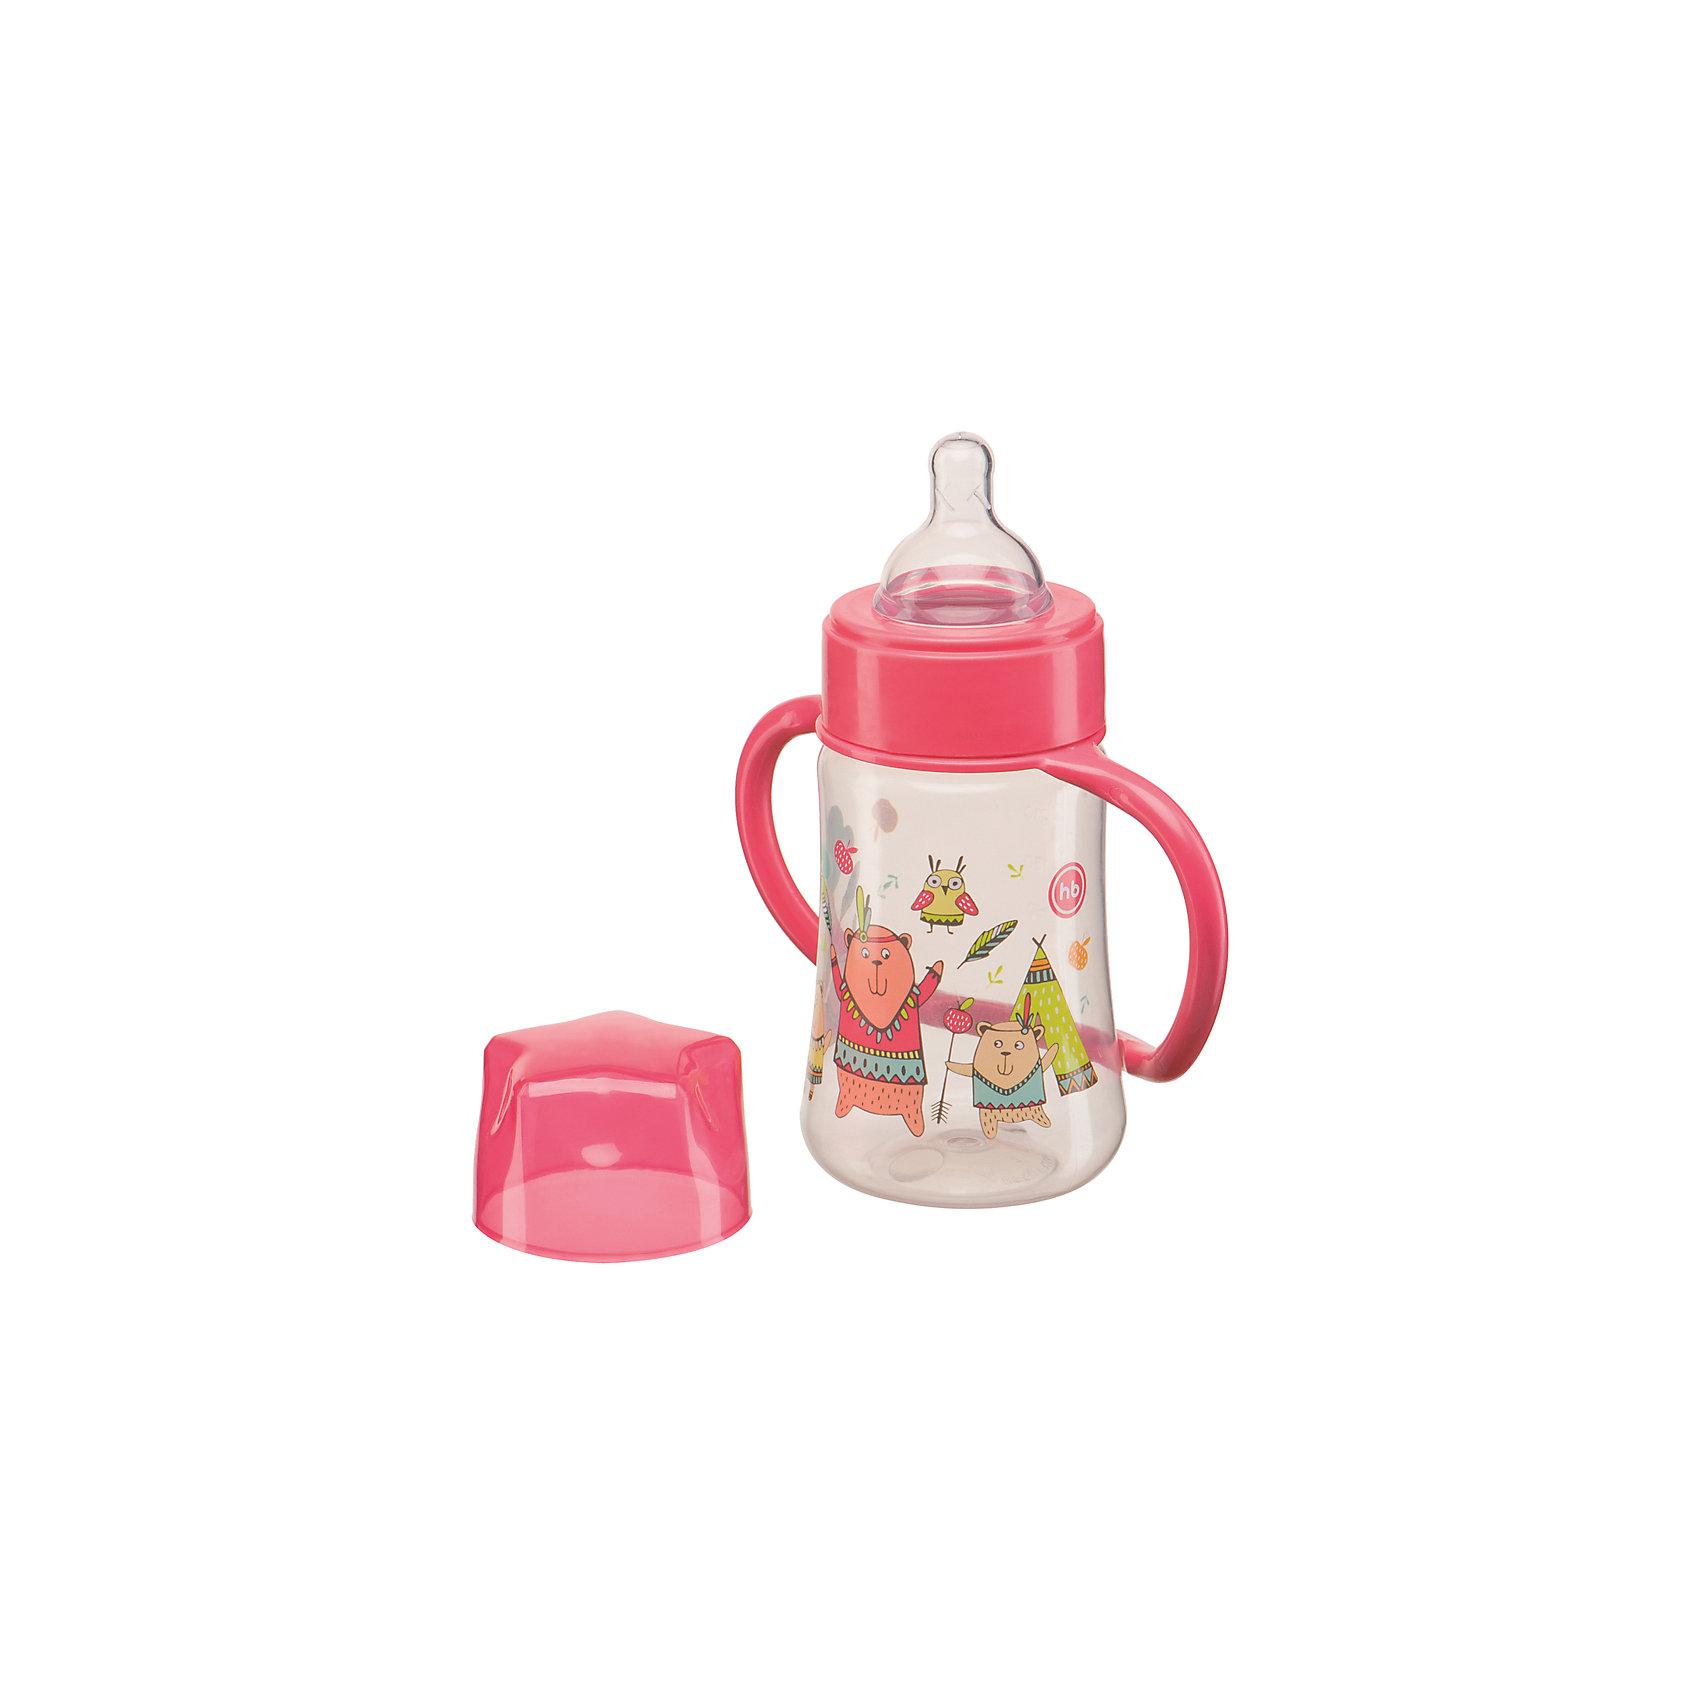 Бутылочка для кормления с ручками, 250 мл, Happy Baby, красныйБутылочки и аксессуары<br>Легкая бутылочка Baby Bottle с ручками от английского производителя Happy Baby, 250 мл,  красный предназначена для кормления малышей с первых дней жизни. В нее можно добавлять сцеженное грудное молоко, детскую молочную смесь и воду. Четкая шкала деления поможет определить, сколько малыш выпил жидкости. <br>Бутылочка имеет широкое горлышко, оснащена силиконовой соской, безопасной для детских десен, которую по мере изнашивания можно приобретать отдельно. К емкости крепятся пластиковые съемные ручки, удобные для захвата маленькими пальчиками ребенка. При необходимости ручки можно снять. Бутылочка имеет герметичную крышку, что  позволяет избежать попадания внутрь микроорганизмов, пыли или грязи. Во время кормления жидкость из бутылки не выльется, также ее можно класть в сумку и спокойно идти гулять. Бутылочка Happy Baby обладает антиколиковым эффектом: благодаря специальному клапану излишний воздух будет удаляться из емкости во время глотания малышом молока. Это позволит избежать вздутия и колик. Кроме того, силиконовая соска обеспечивает медленный равномерный поток. Материал бутылочки – качественный полипропилен, простой в эксплуатации и уходе. Не содержит бисфенол А. Так как бутылка классической формы, ее легко можно мыть губкой или ершиком.  <br><br>Дополнительная информация:<br><br>- эргономичные ручки<br>- герметичная крышка<br>- ручки легко снимаются<br>- шкала с делениями в 30 мл.<br>- медленный поток<br>- материал: полипропилен, силикон<br>- материал: соски: силикон<br>- объем бутылочки: 250 мл.<br><br>Бутылочку для кормления с ручками, 250 мл, Happy Baby, красный можно купить в нашем интернет-магазине.<br><br>Ширина мм: 75<br>Глубина мм: 135<br>Высота мм: 230<br>Вес г: 93<br>Возраст от месяцев: 0<br>Возраст до месяцев: 12<br>Пол: Унисекс<br>Возраст: Детский<br>SKU: 4696782